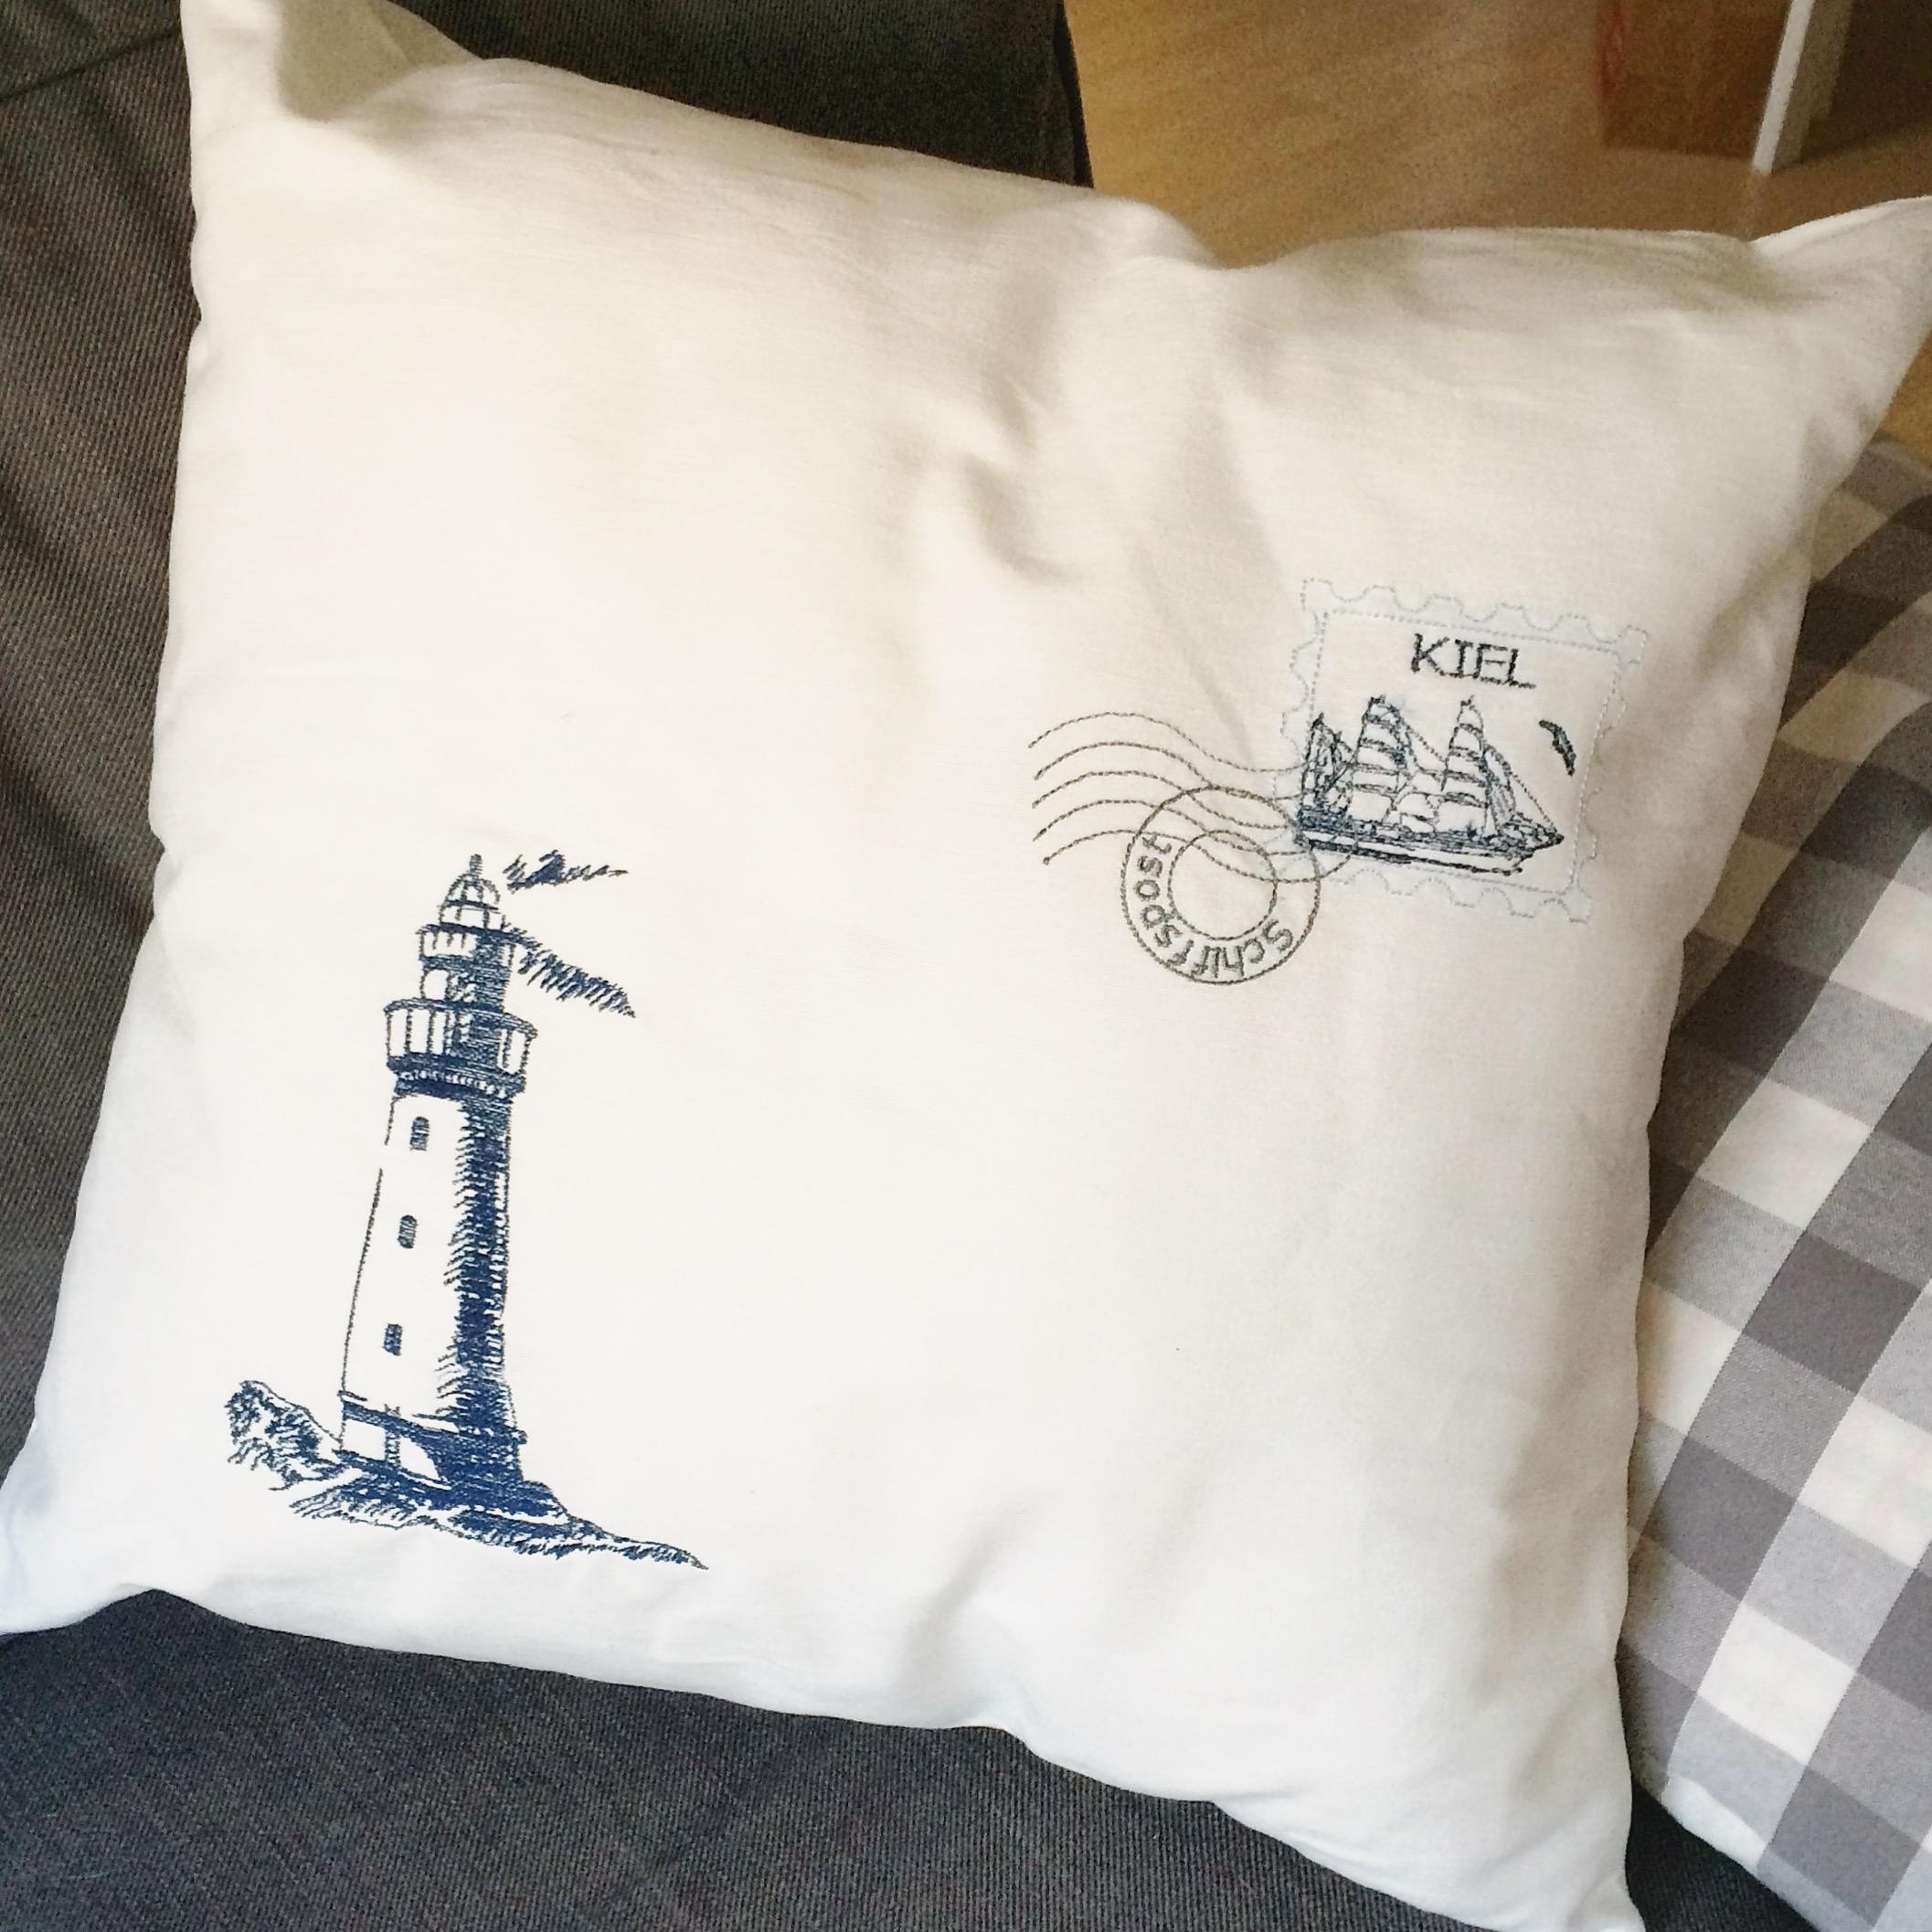 Kissen-Kiel-raumzutat